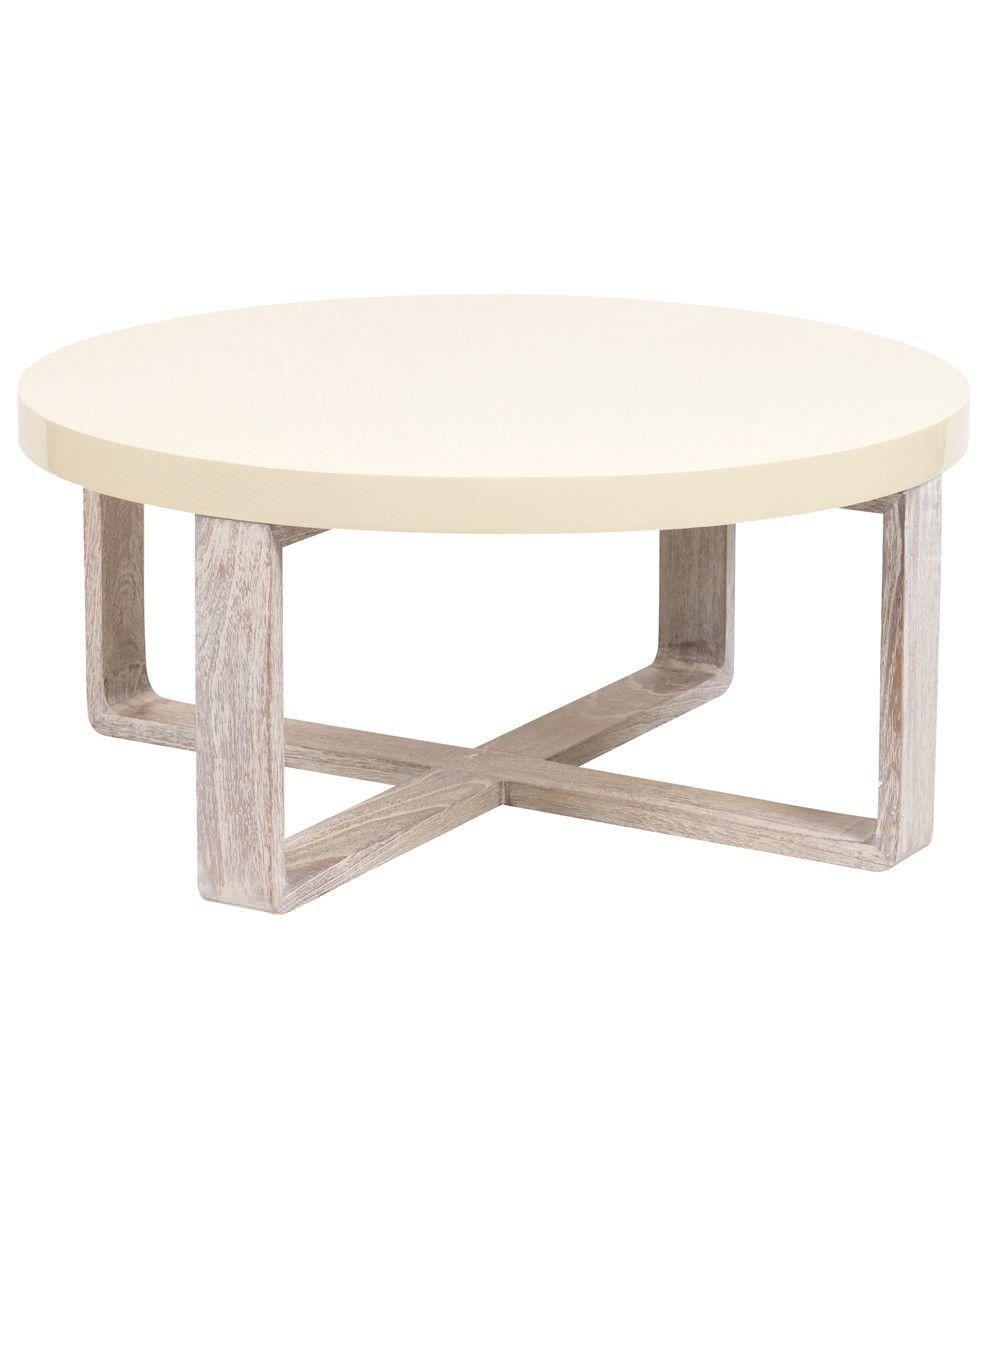 Table Blanche Pied Bois beau table basse blanche pied bois   décoration française